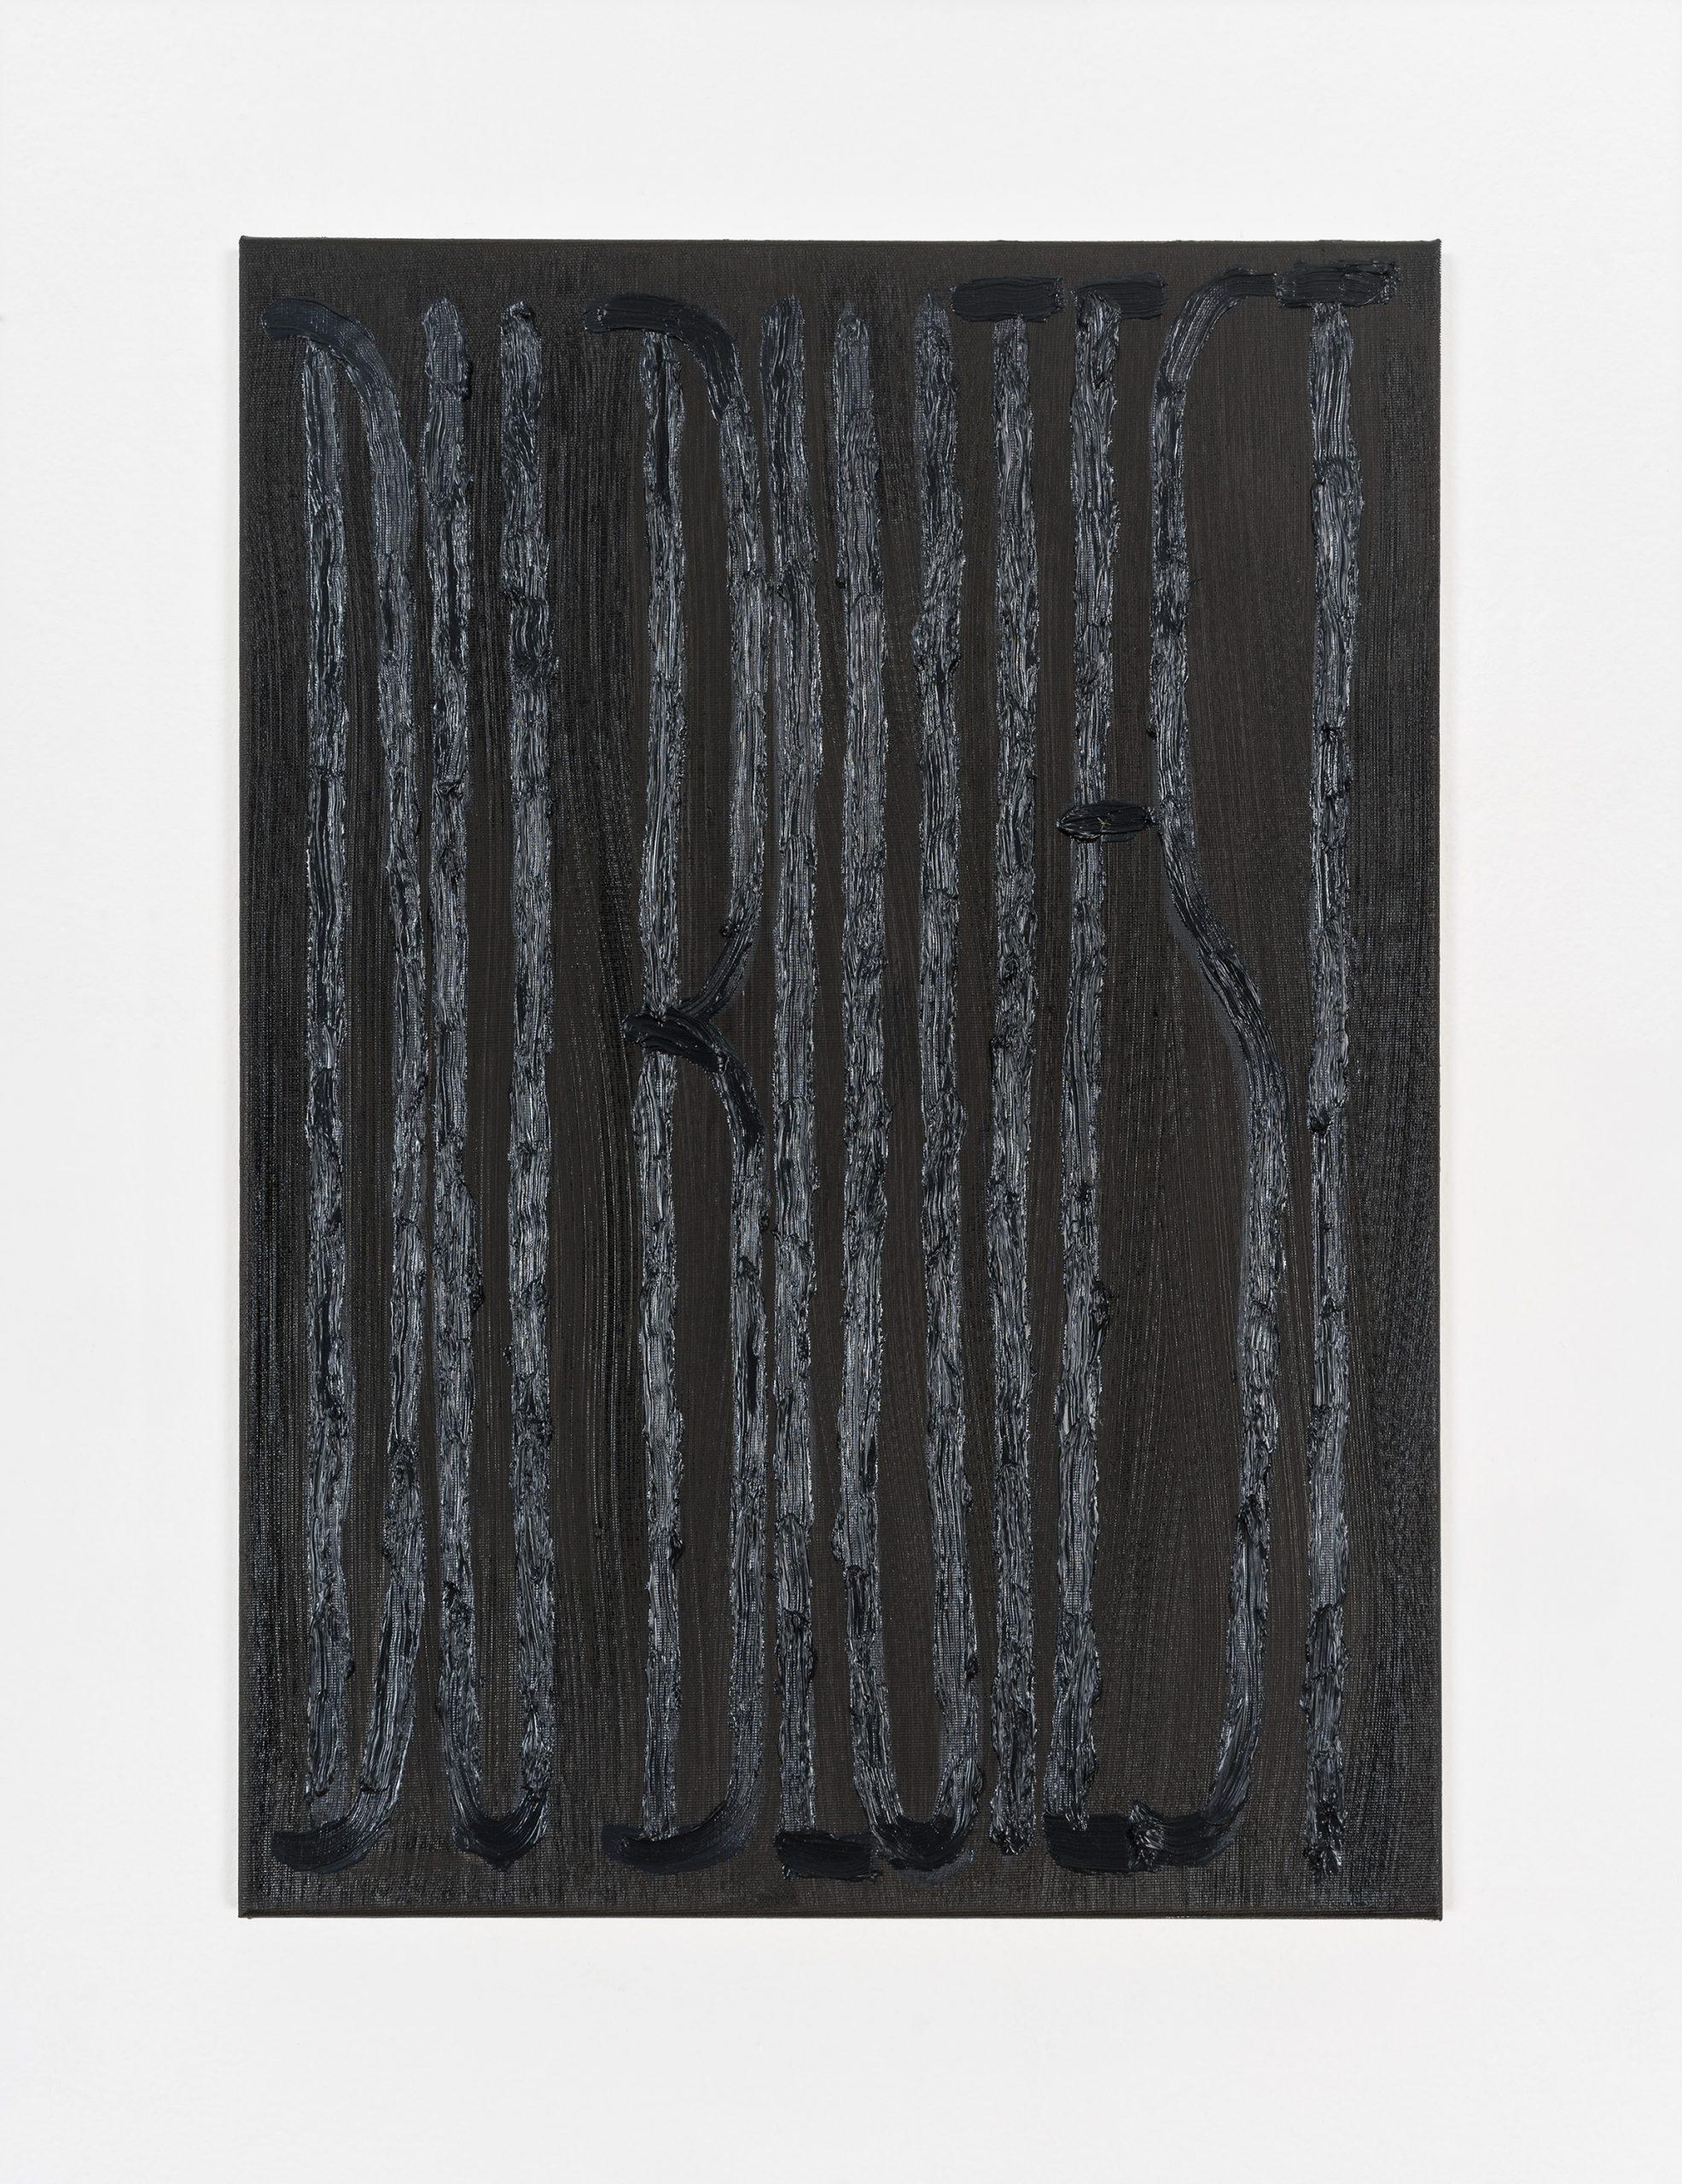 TITELBILD 4 2020 70 x 50 cm Oil on canvas